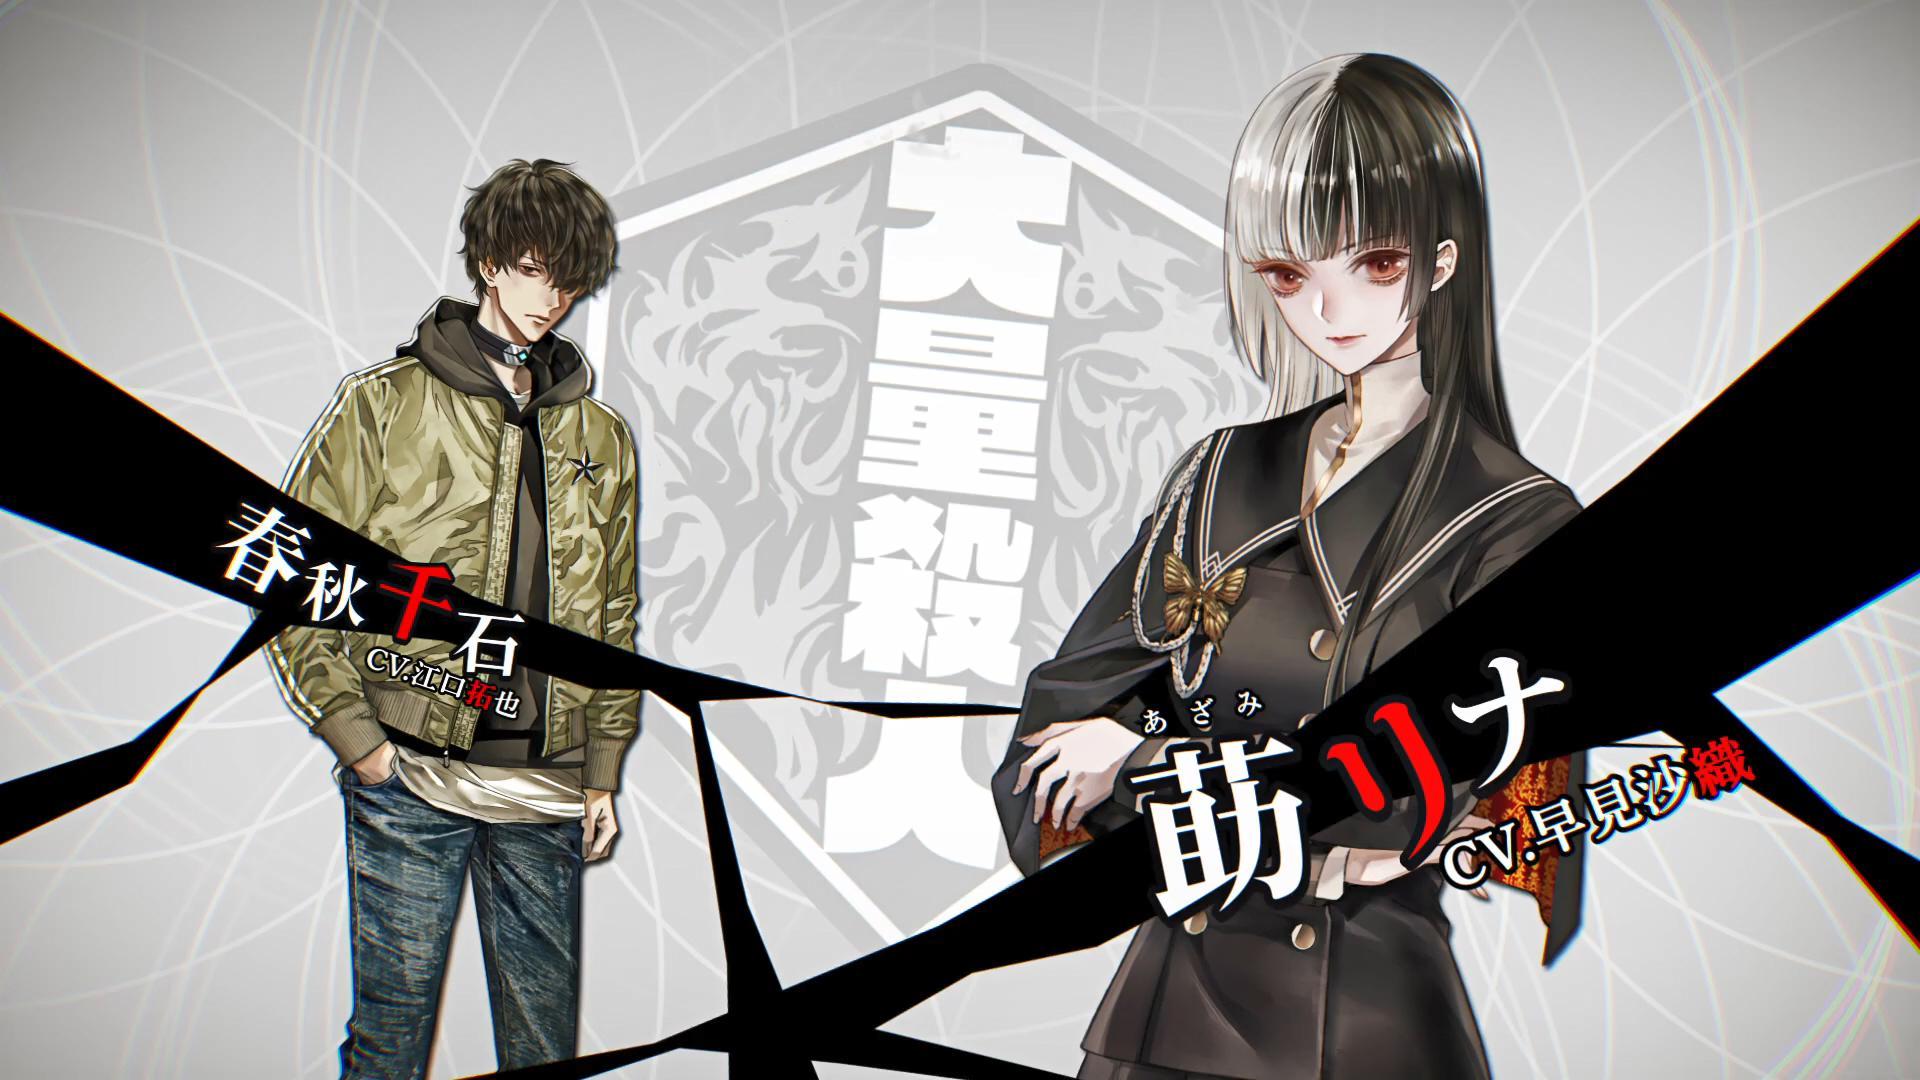 脱出类ADV《冤罪执行游戏》新预告片 豪华声优阵容